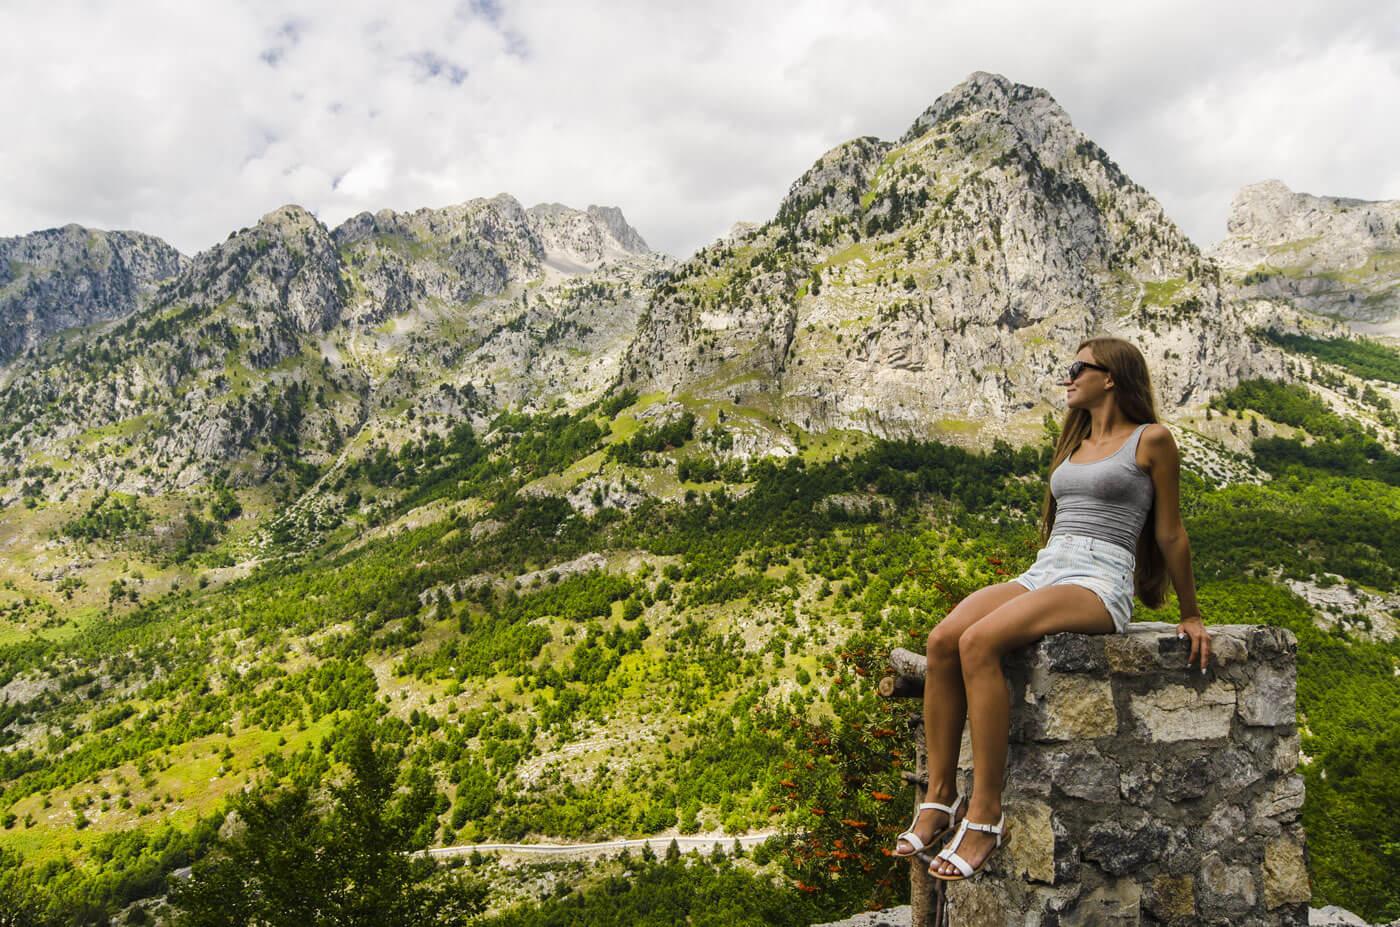 Berglandschap Albanie bij Valbone, noord Albanie, vrouw op het voorgrond